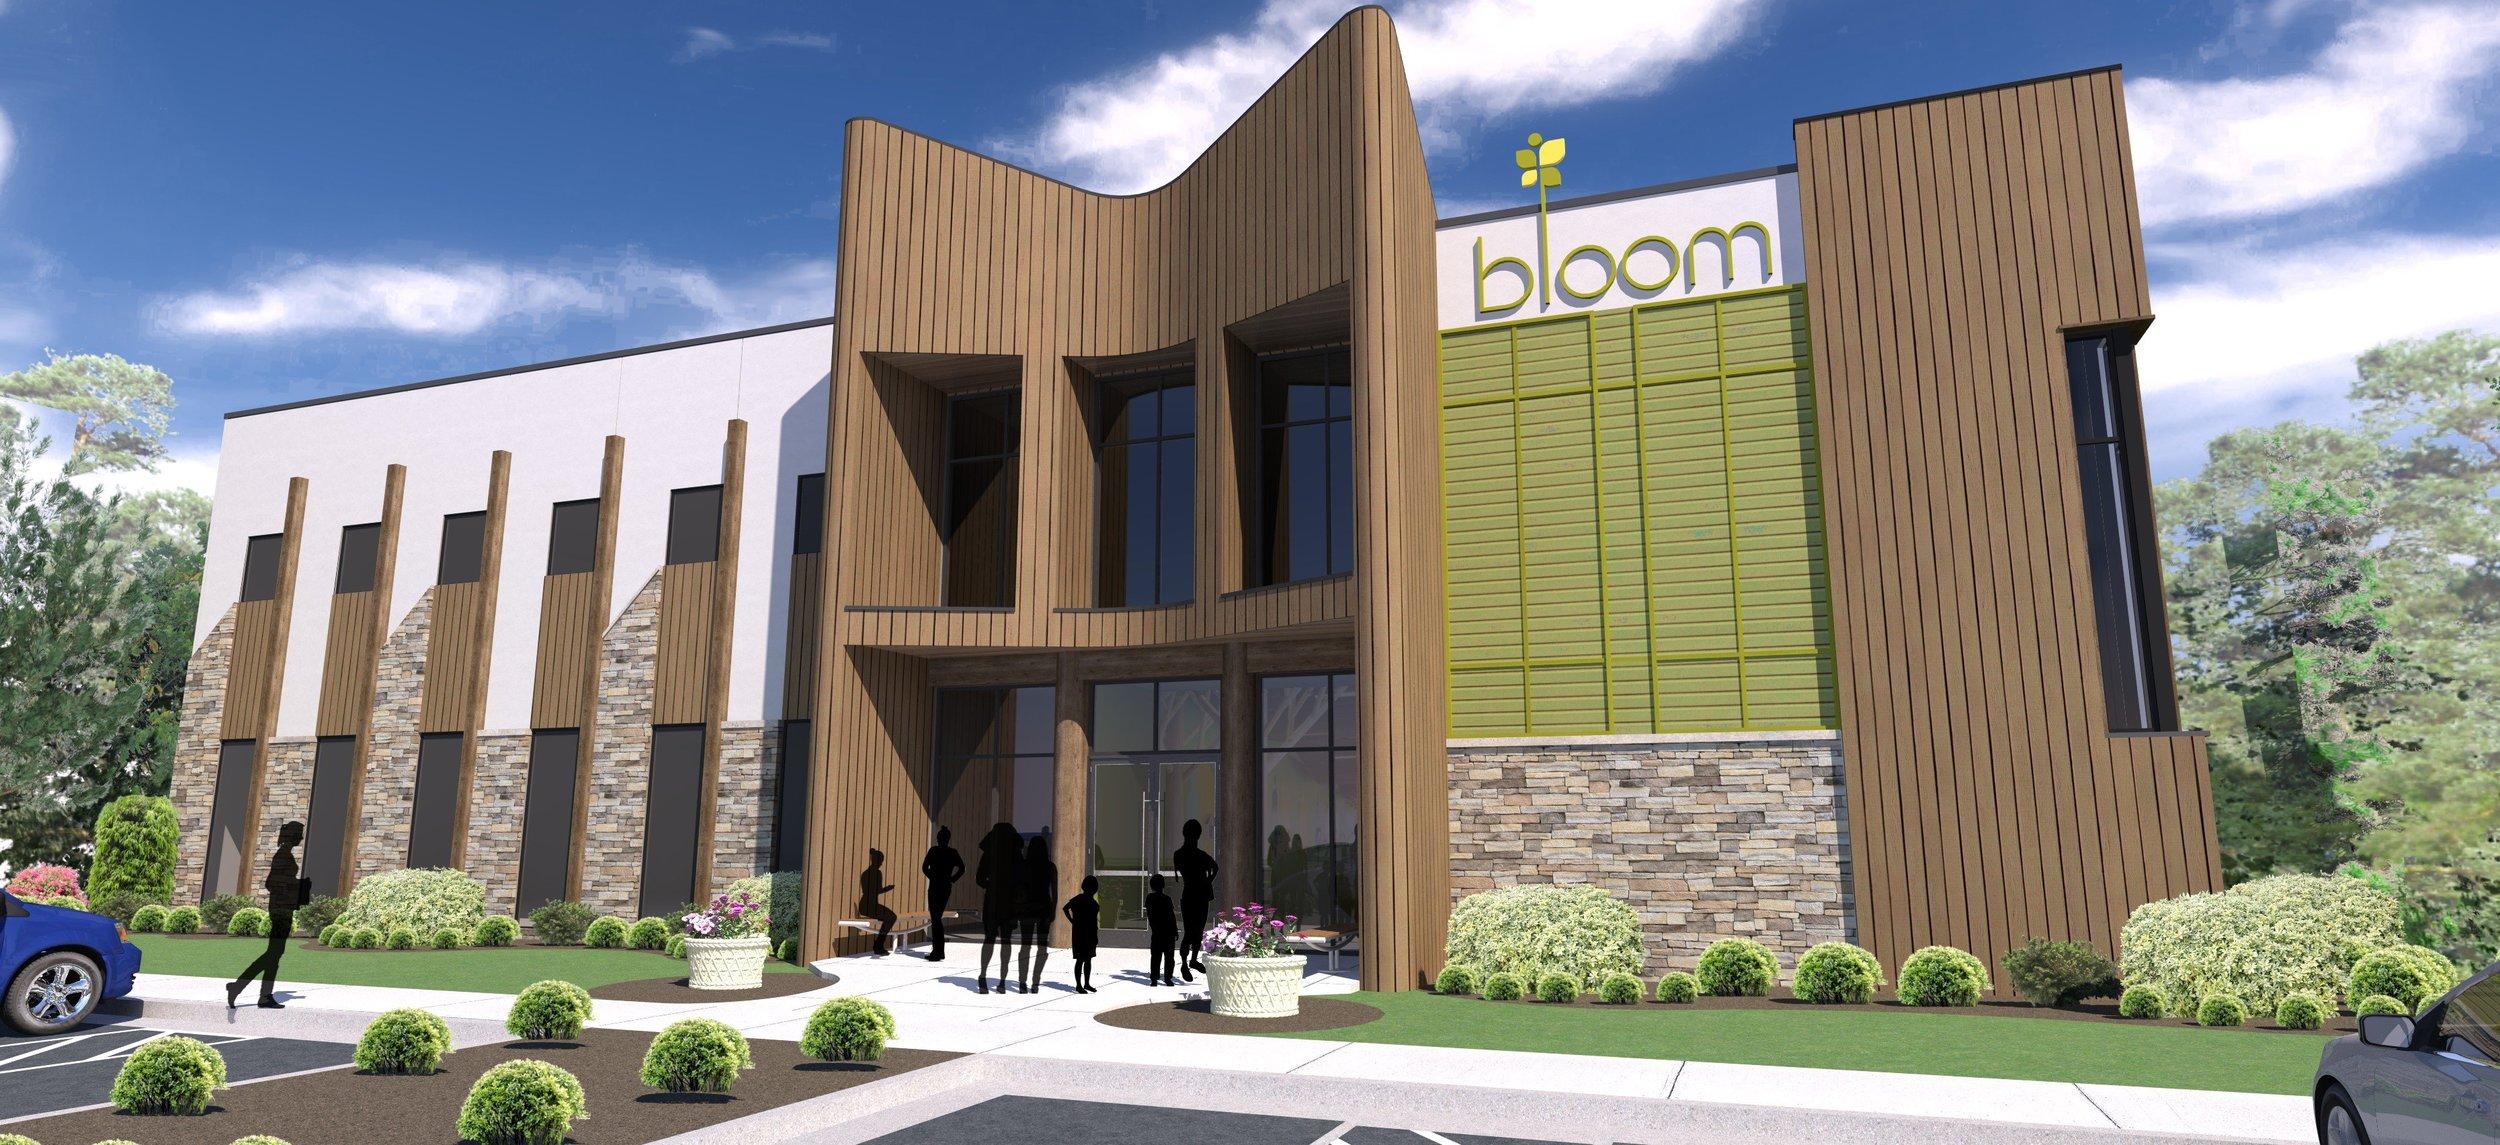 Bloom Closet Rendering view.jpg